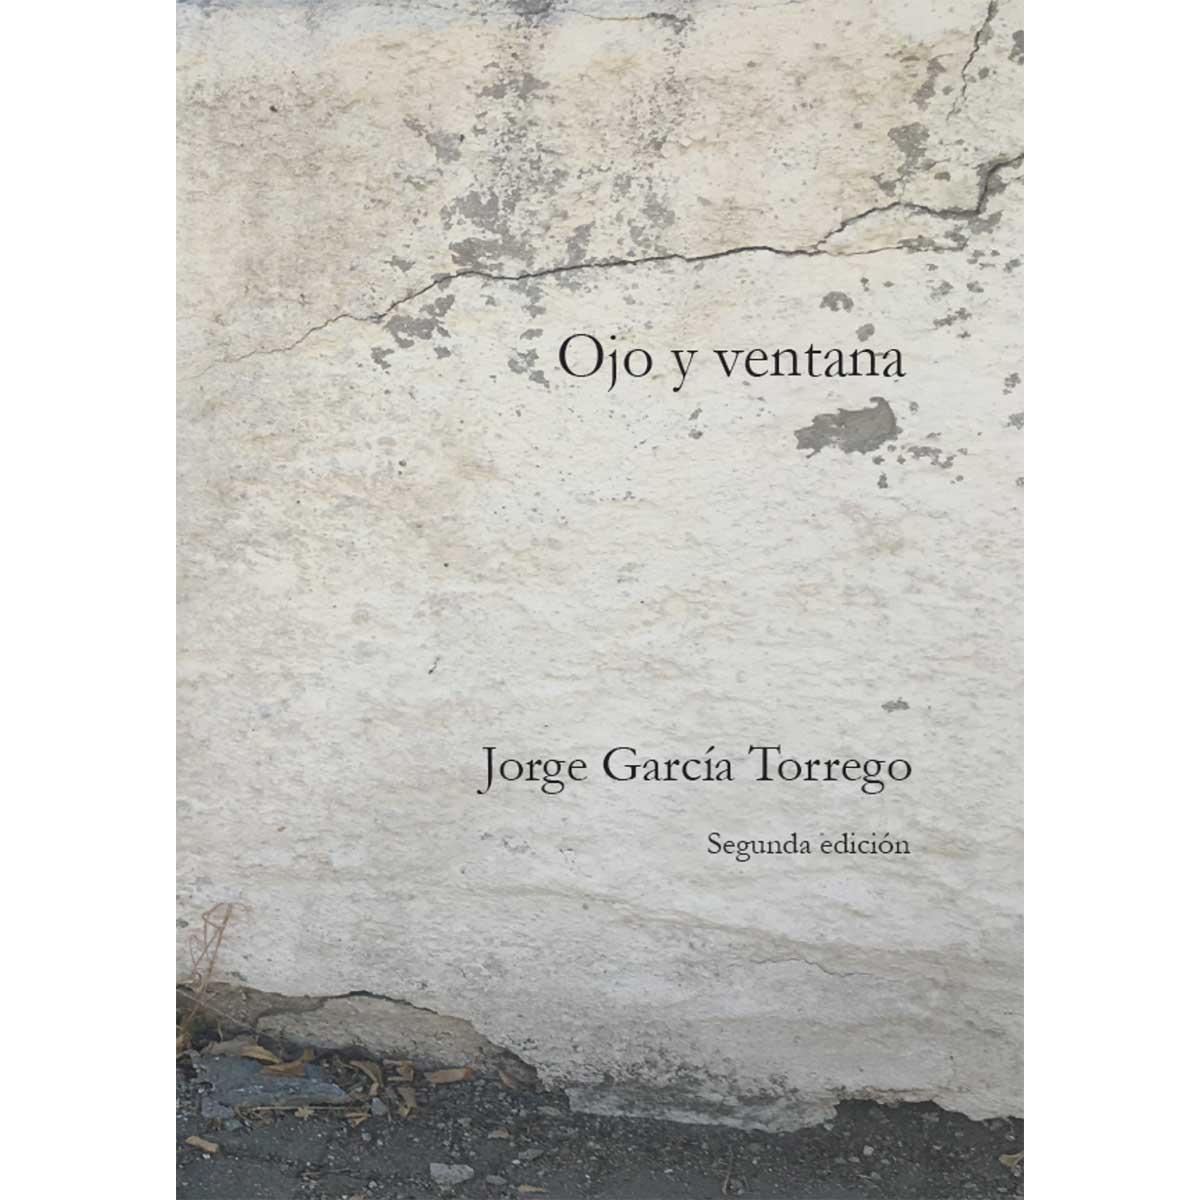 """JORGE GARCÍA TORREGO - """"Ojo y ventana"""""""